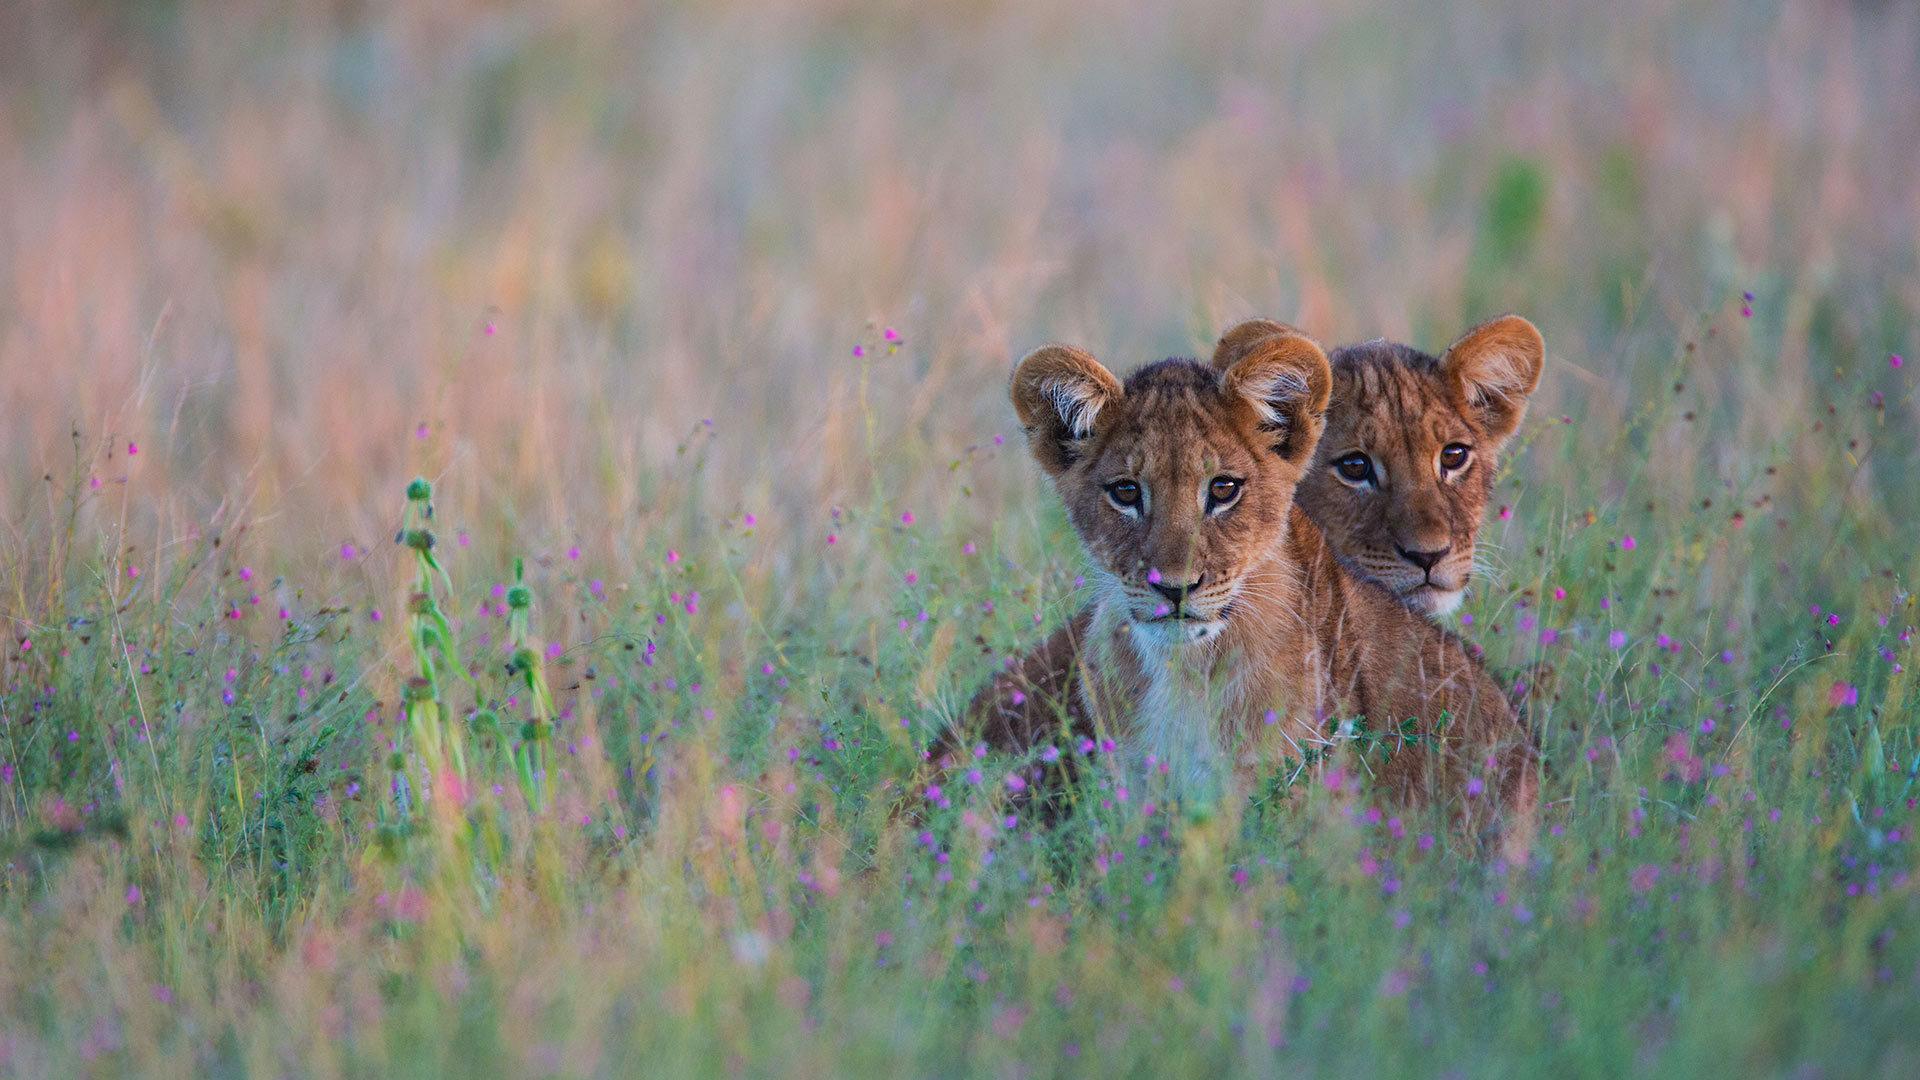 藏在高高的草丛中的狮子幼崽狮子